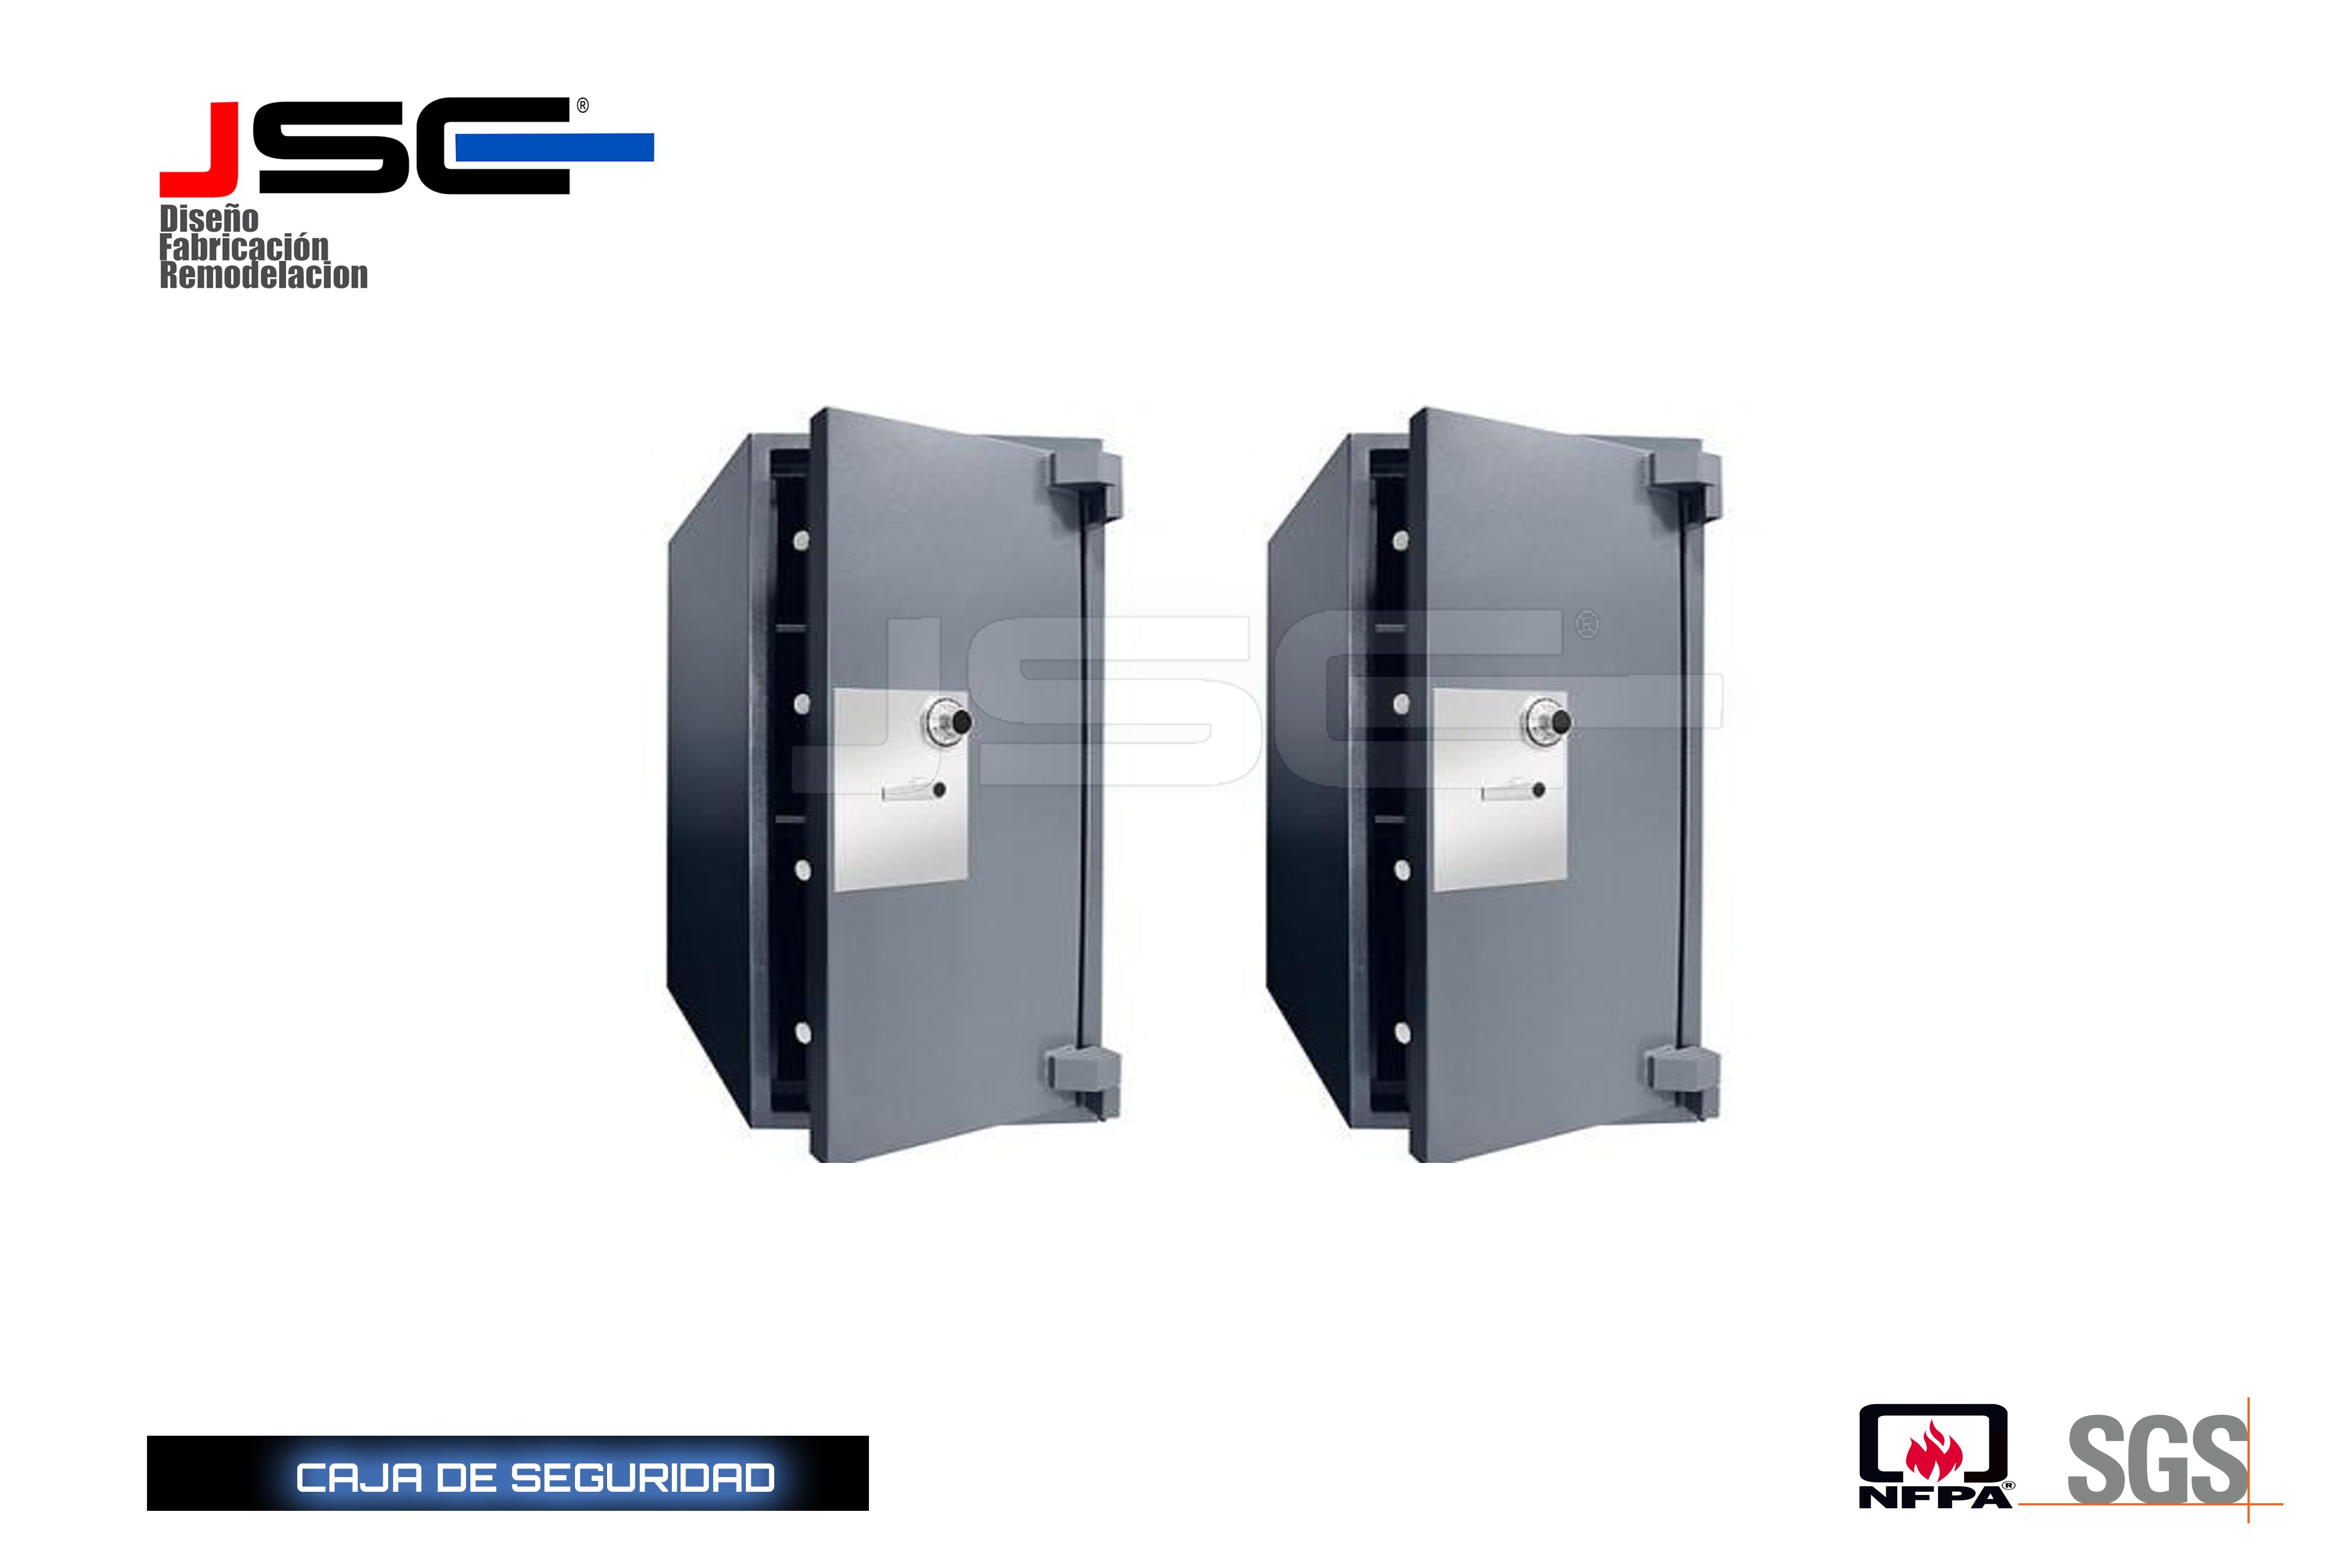 Caja de piso JSCP001